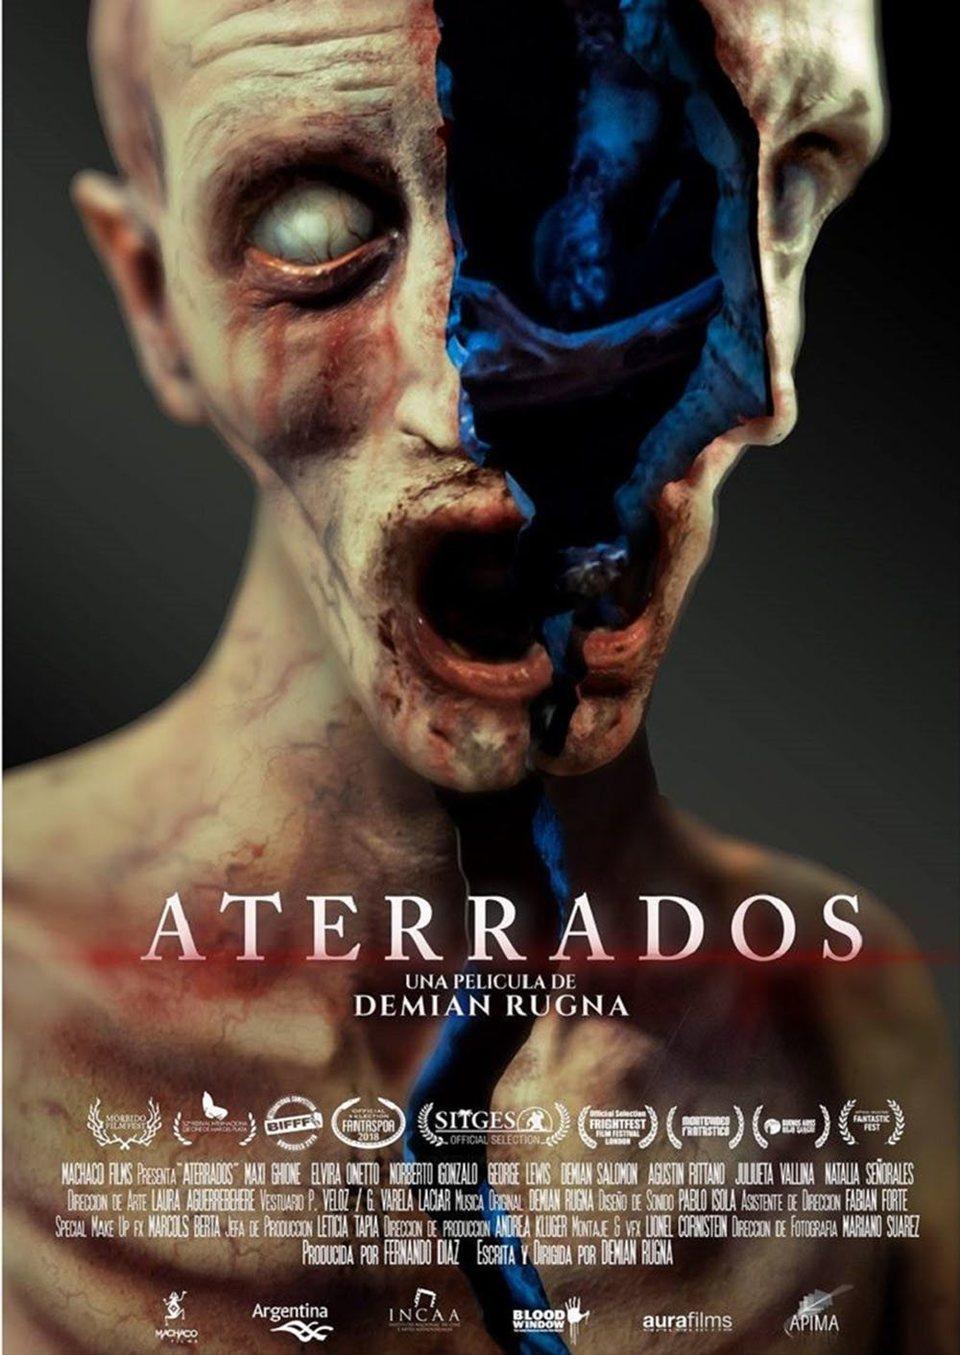 Cartel Aterrados Poster de 'Aterrados'